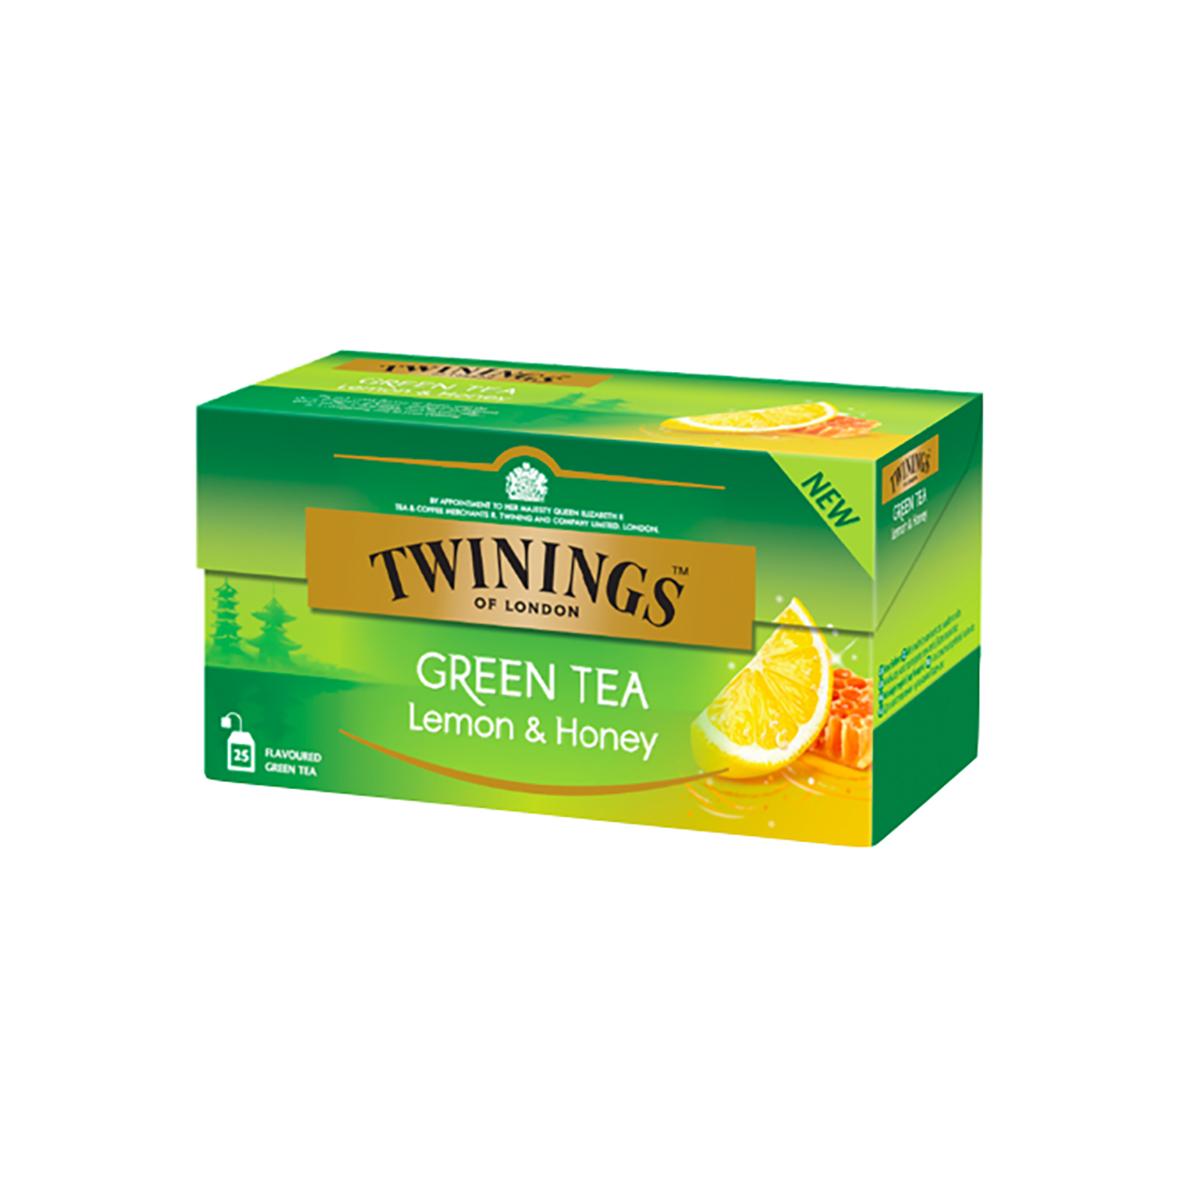 Ceai verde cu aroma de lamaie si miere Twinings, 25 x 1,6 g imagine